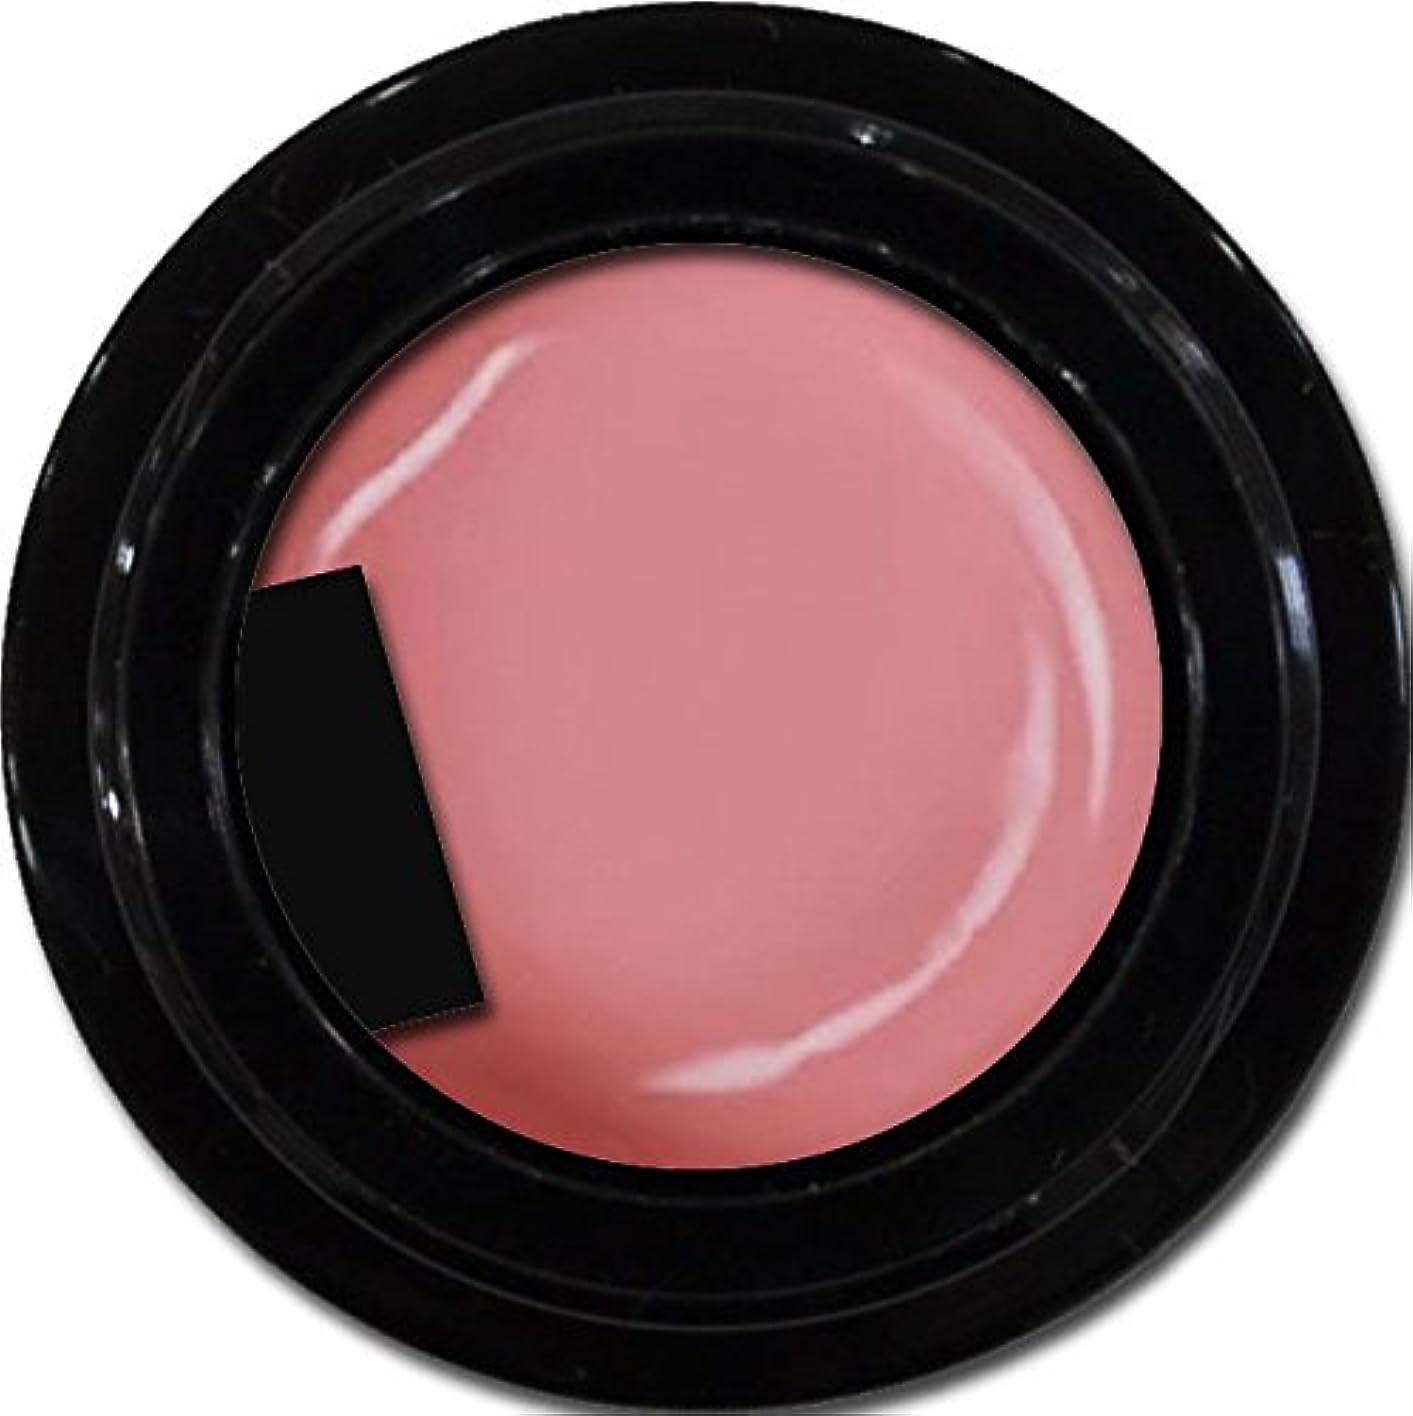 ジャンク書道シルエットカラージェル enchant color gel M210 ApricotPink 3g/ マットカラージェル M210 アプリコットピンク 3グラム